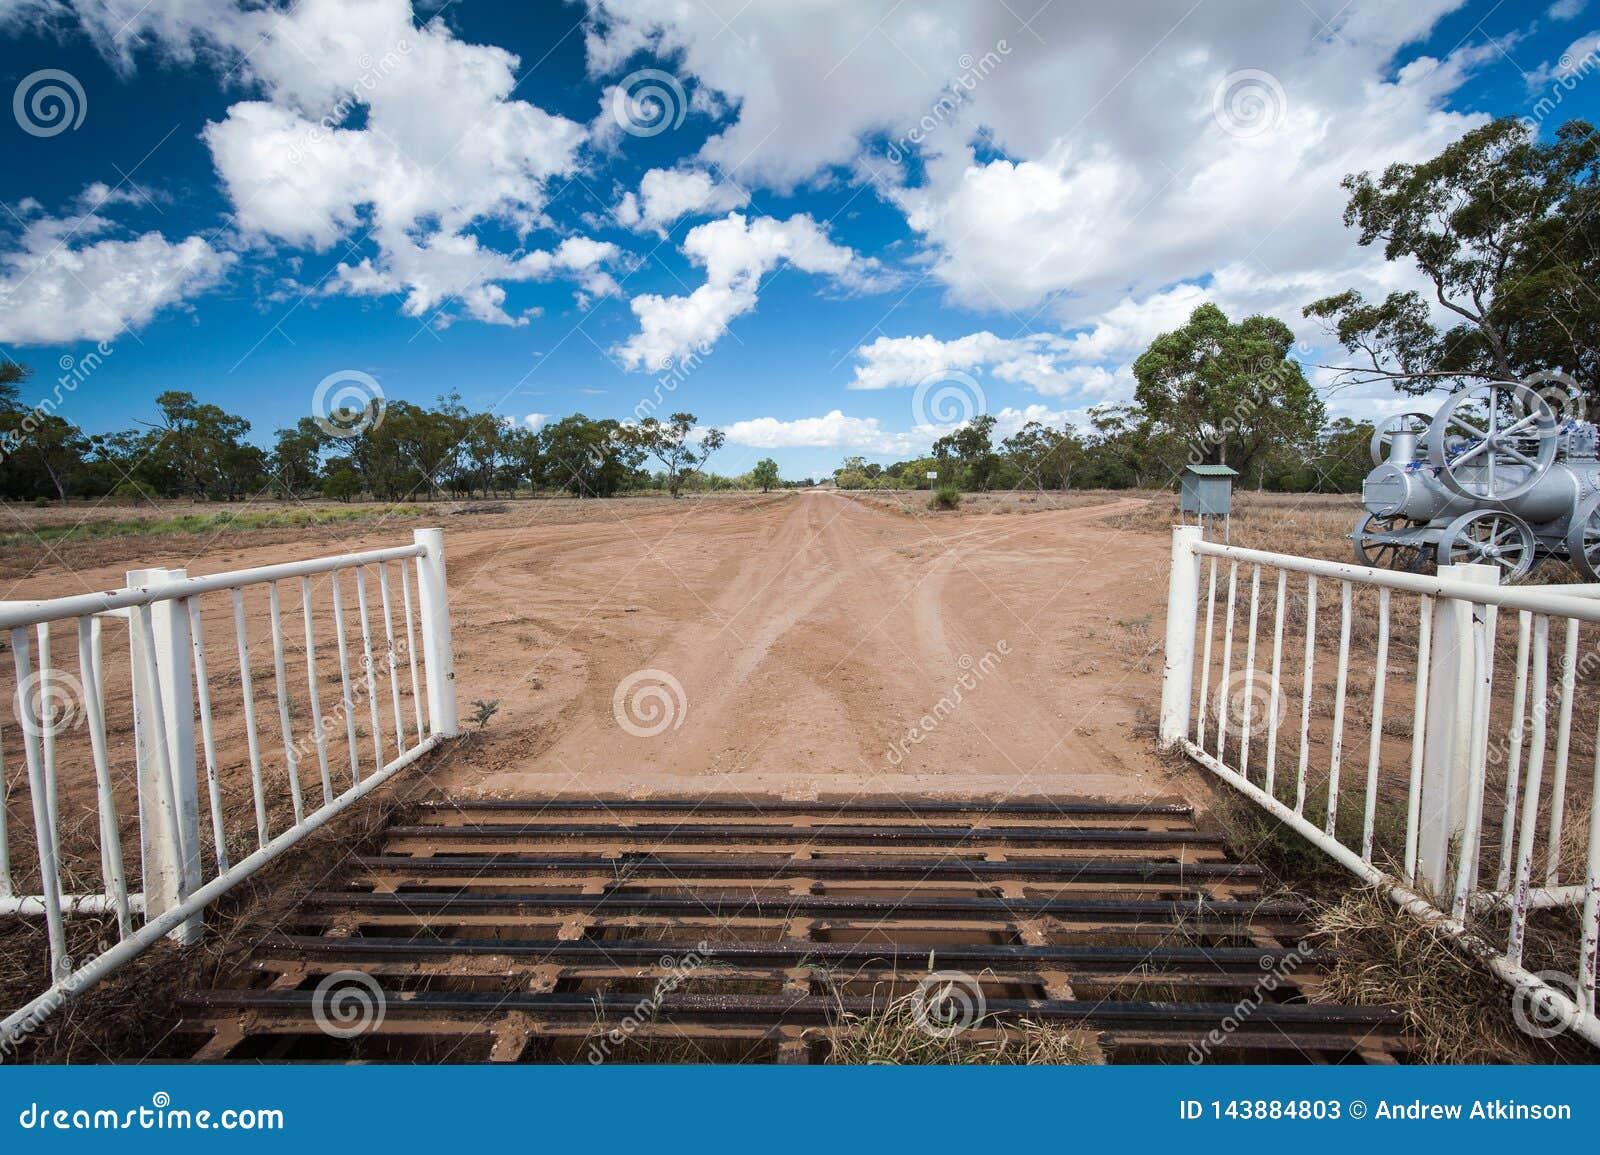 Πύλη και είσοδος στο σταθμό εσωτερικών στην κορυφογραμμή αστραπής, Αυστραλία